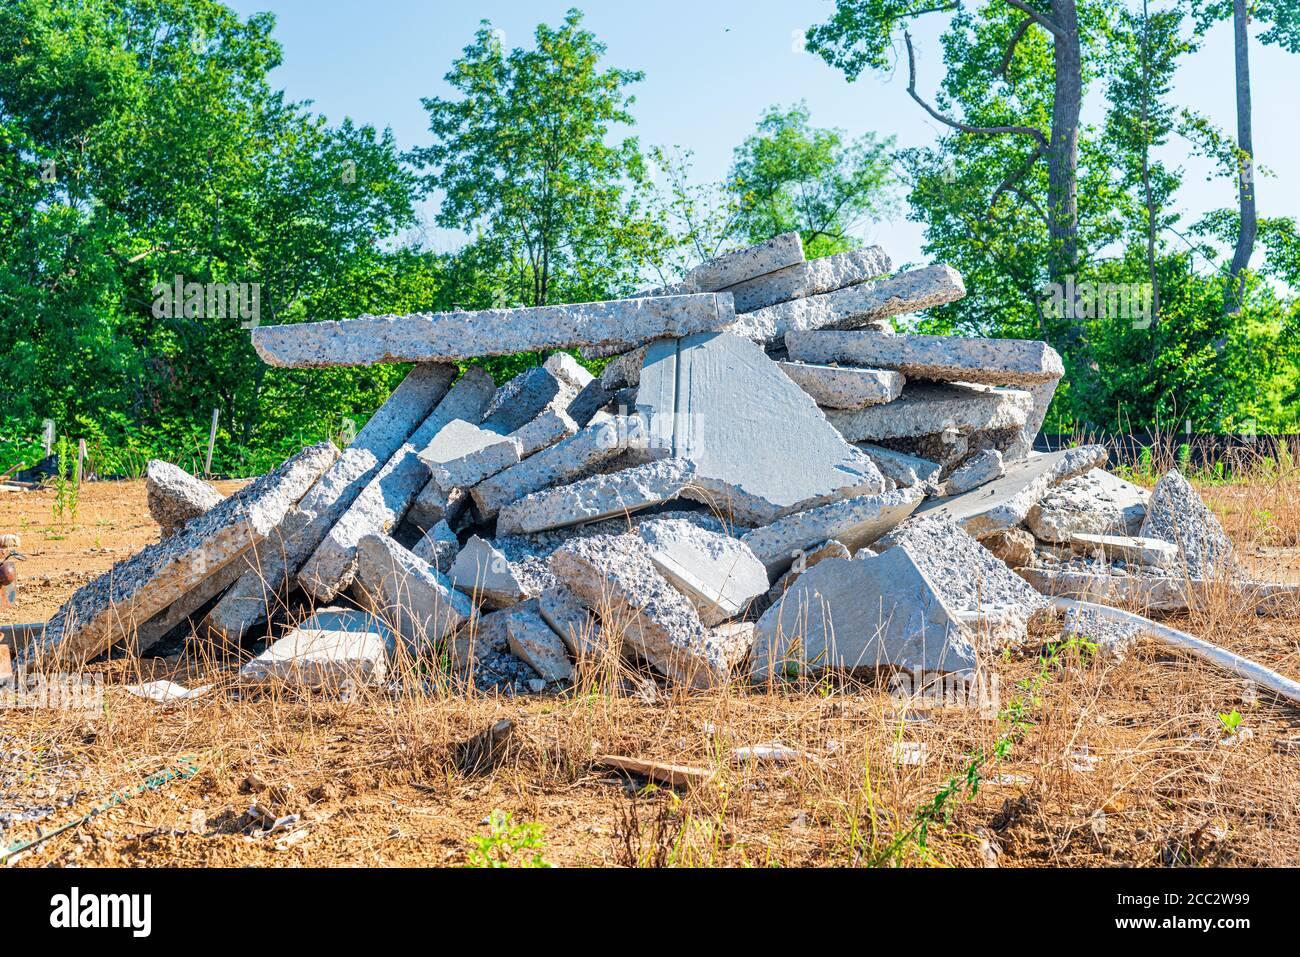 https://c8.alamy.com/comp/2CC2W99/horizontal-shot-of-a-pile-of-broken-concrete-slab-pieces-2CC2W99.jpg